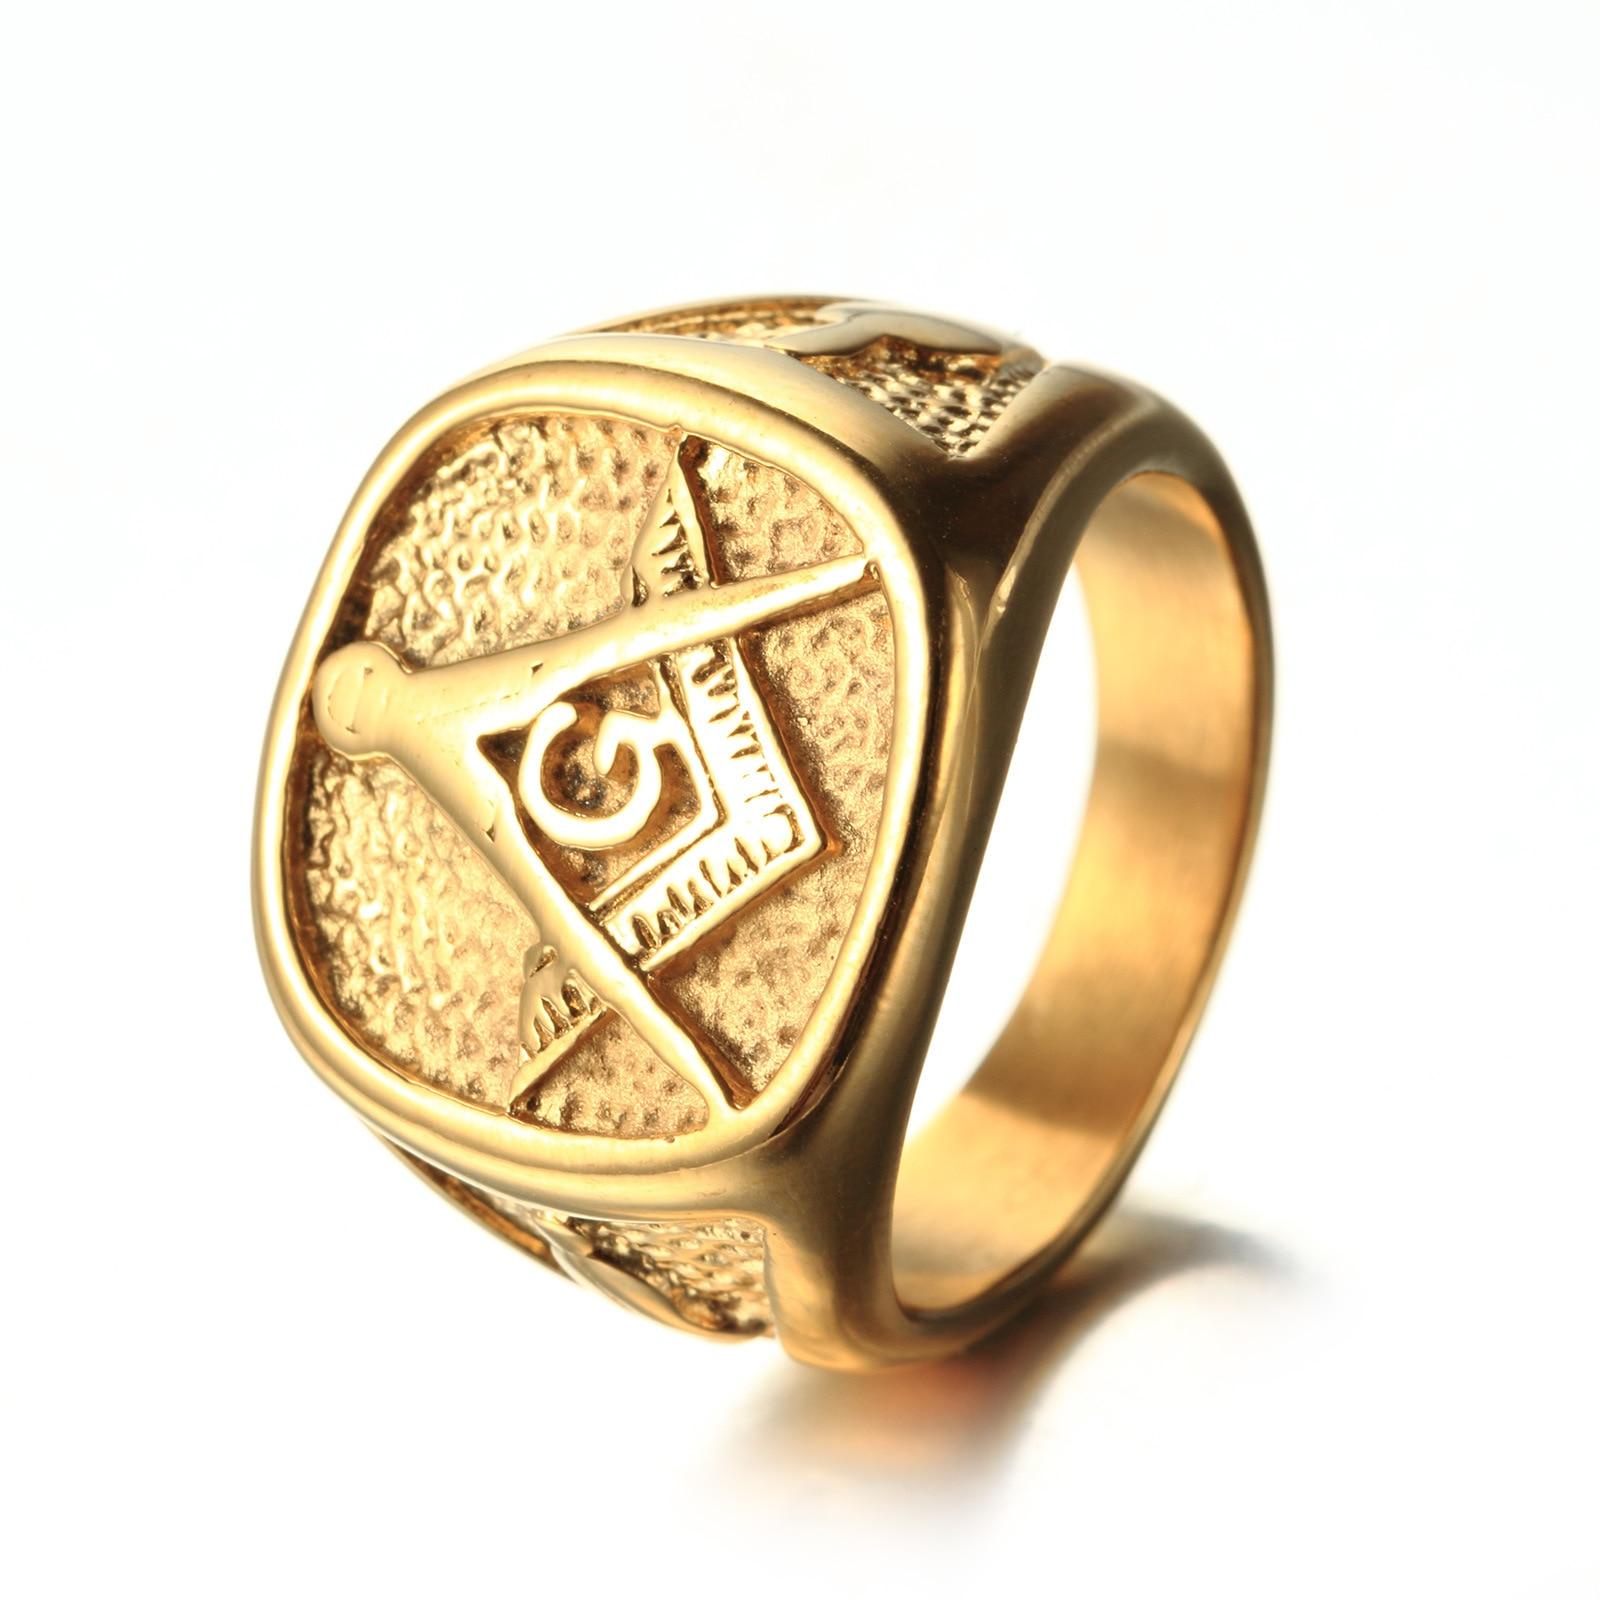 Нержавеющаясталь ювелирные изделия позолота Титан кольцо красивый персонализированные ювелирных изделий g кольцо